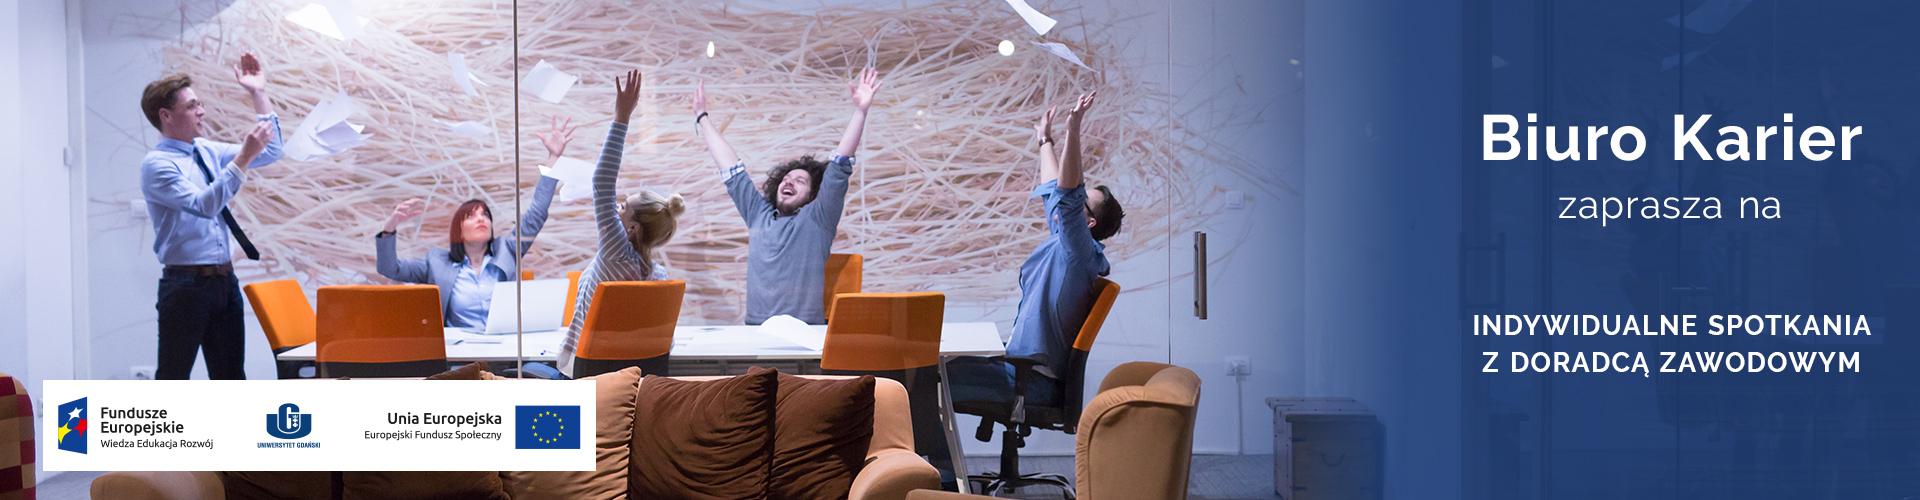 spotkania online z doradcą zawodowym w trakcie wakacji